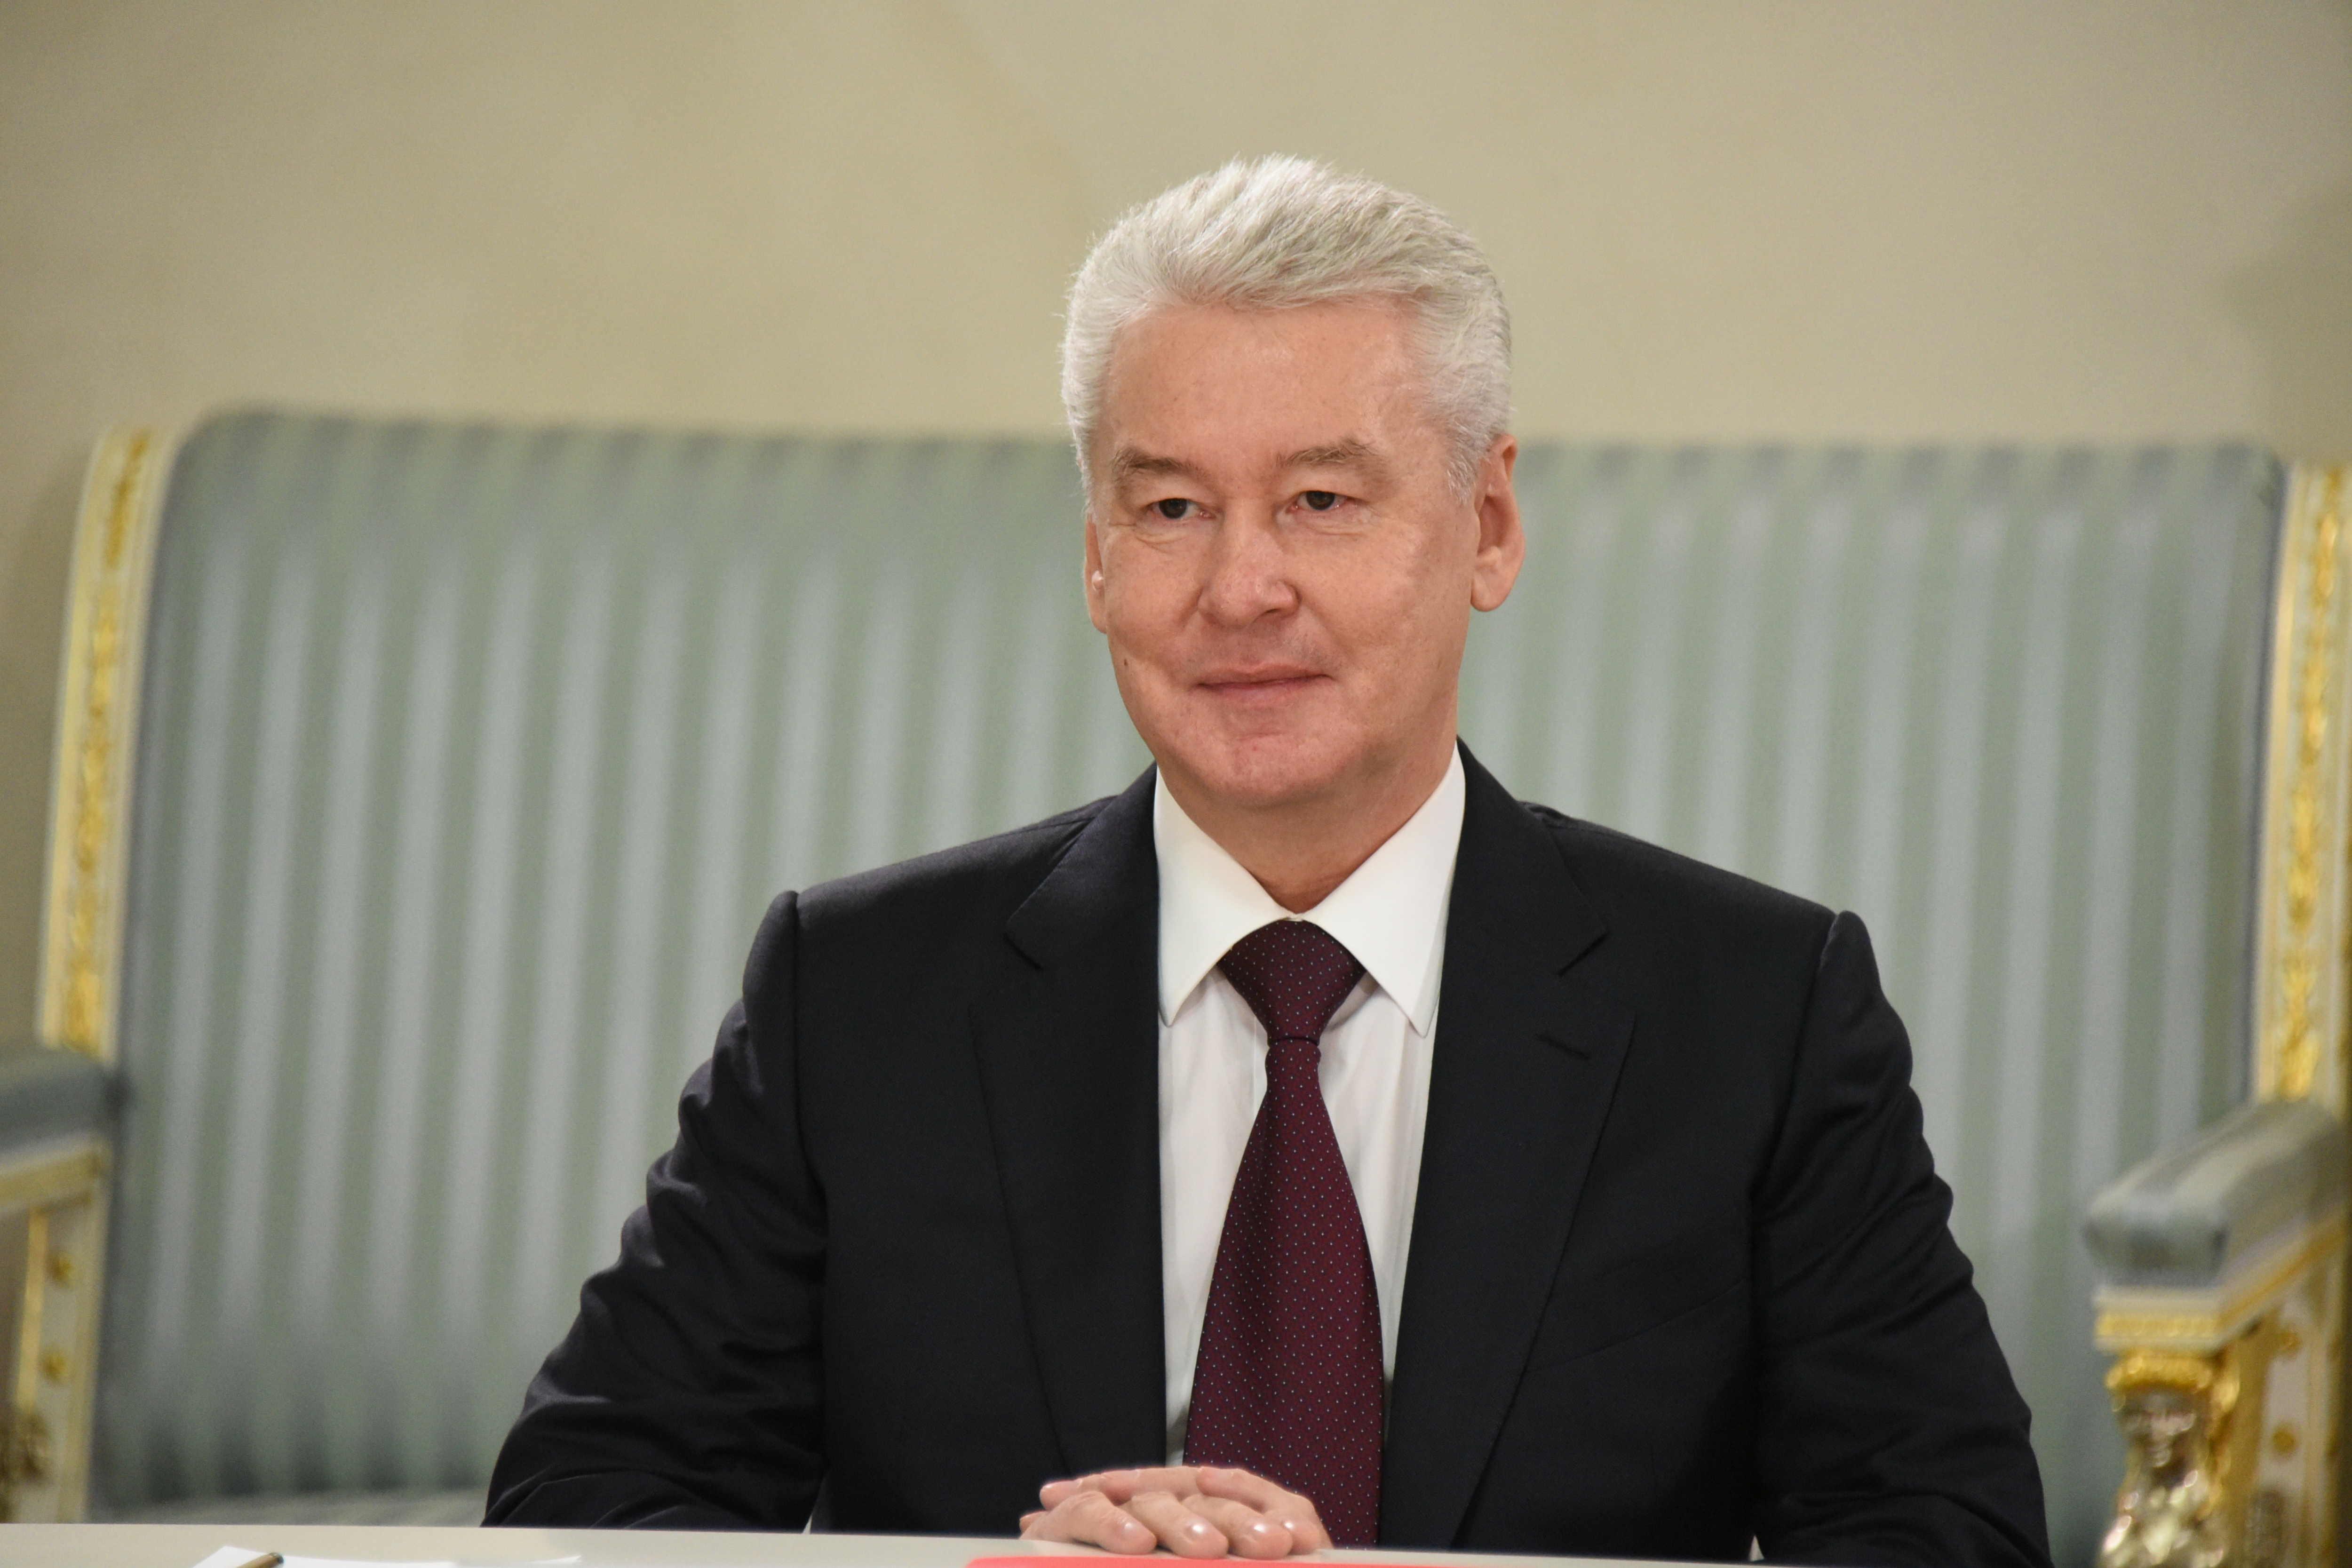 Сергей Собянин анонсировал скидки на проезд по двум линиям метро со 2 ноября